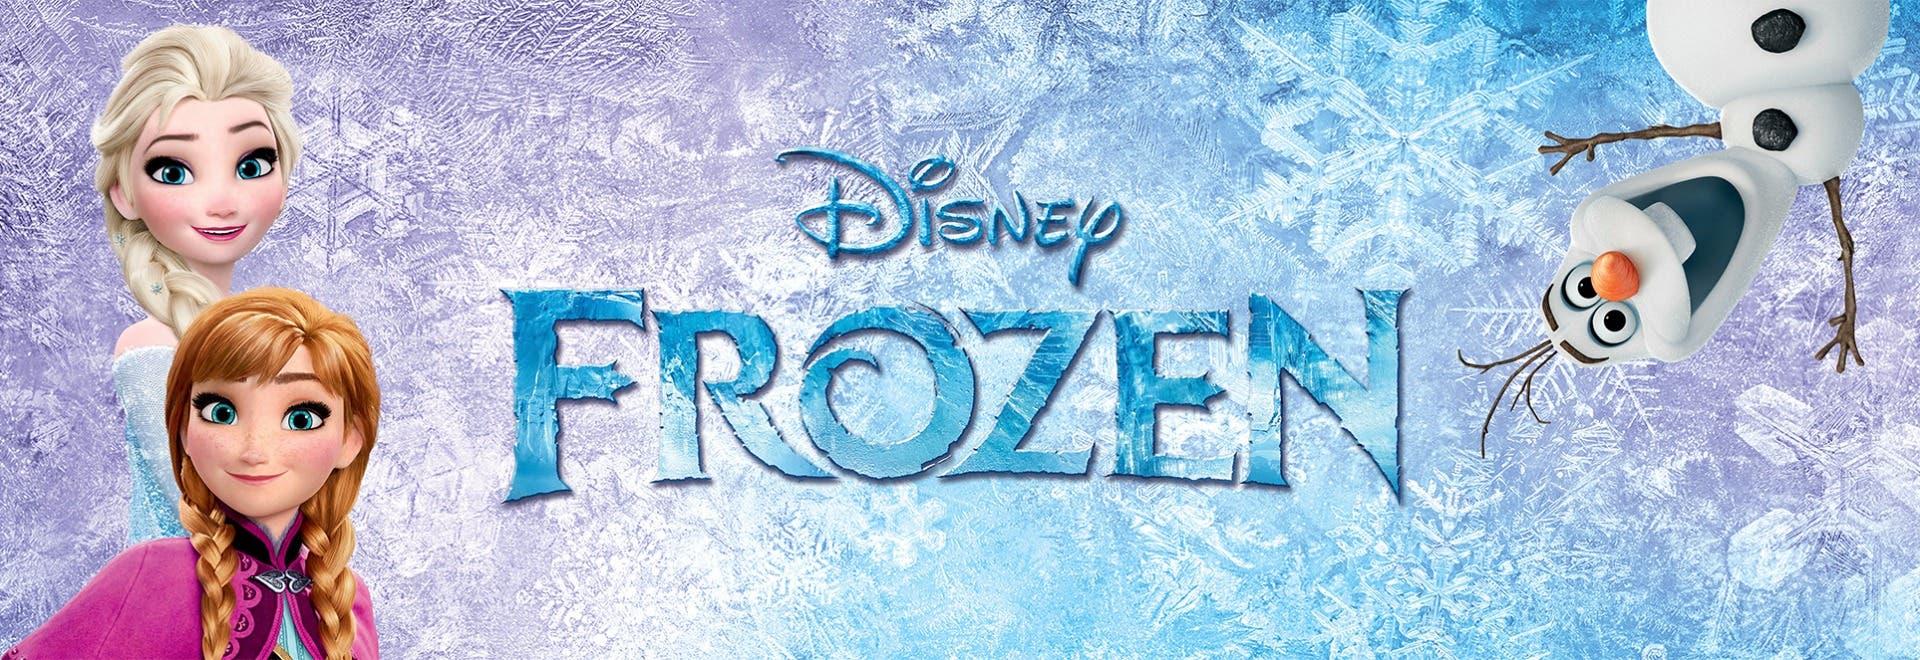 Rossignol Frozen ski